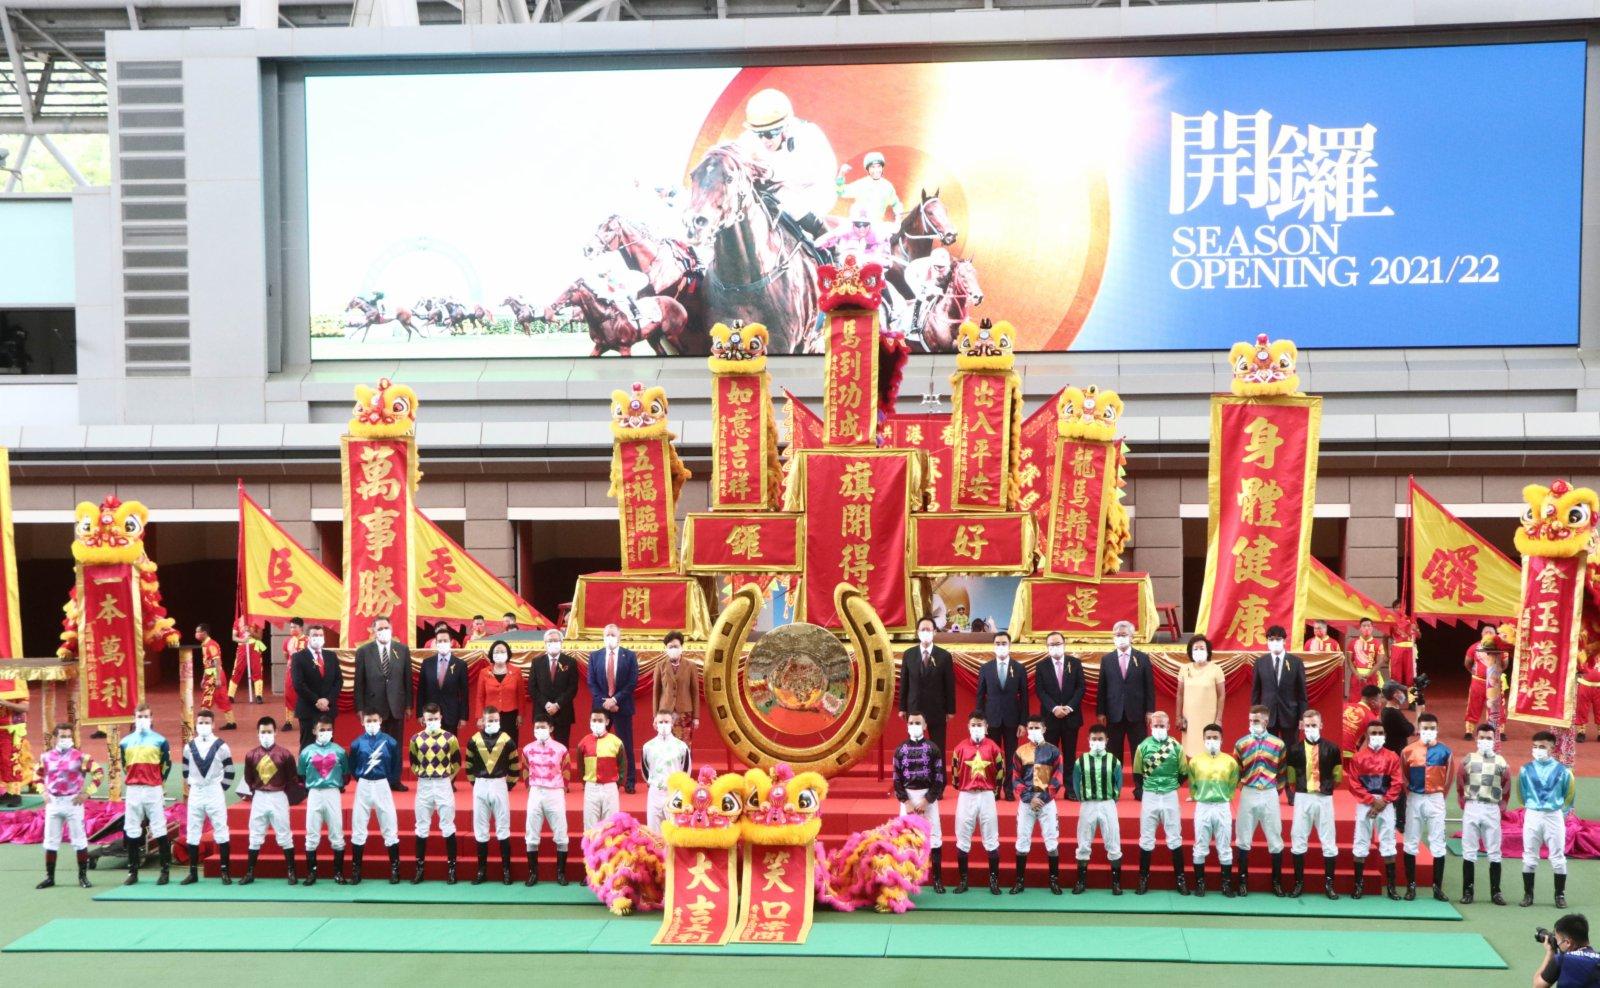 行政長官林鄭月娥、馬會主席陳南祿、行政總裁應家柏及一眾董事與騎師合照。(香港文匯報記者 攝)